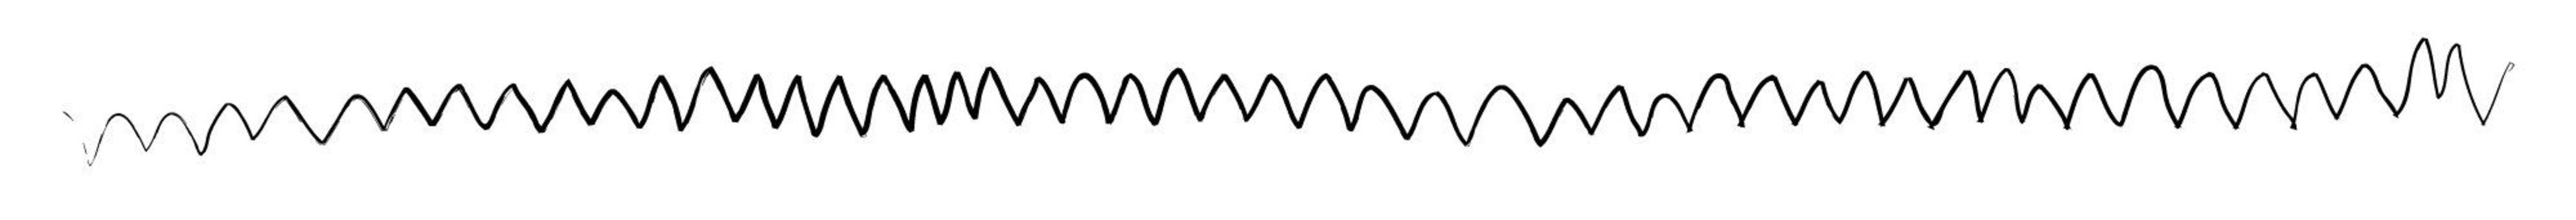 鋸齒線 - 線